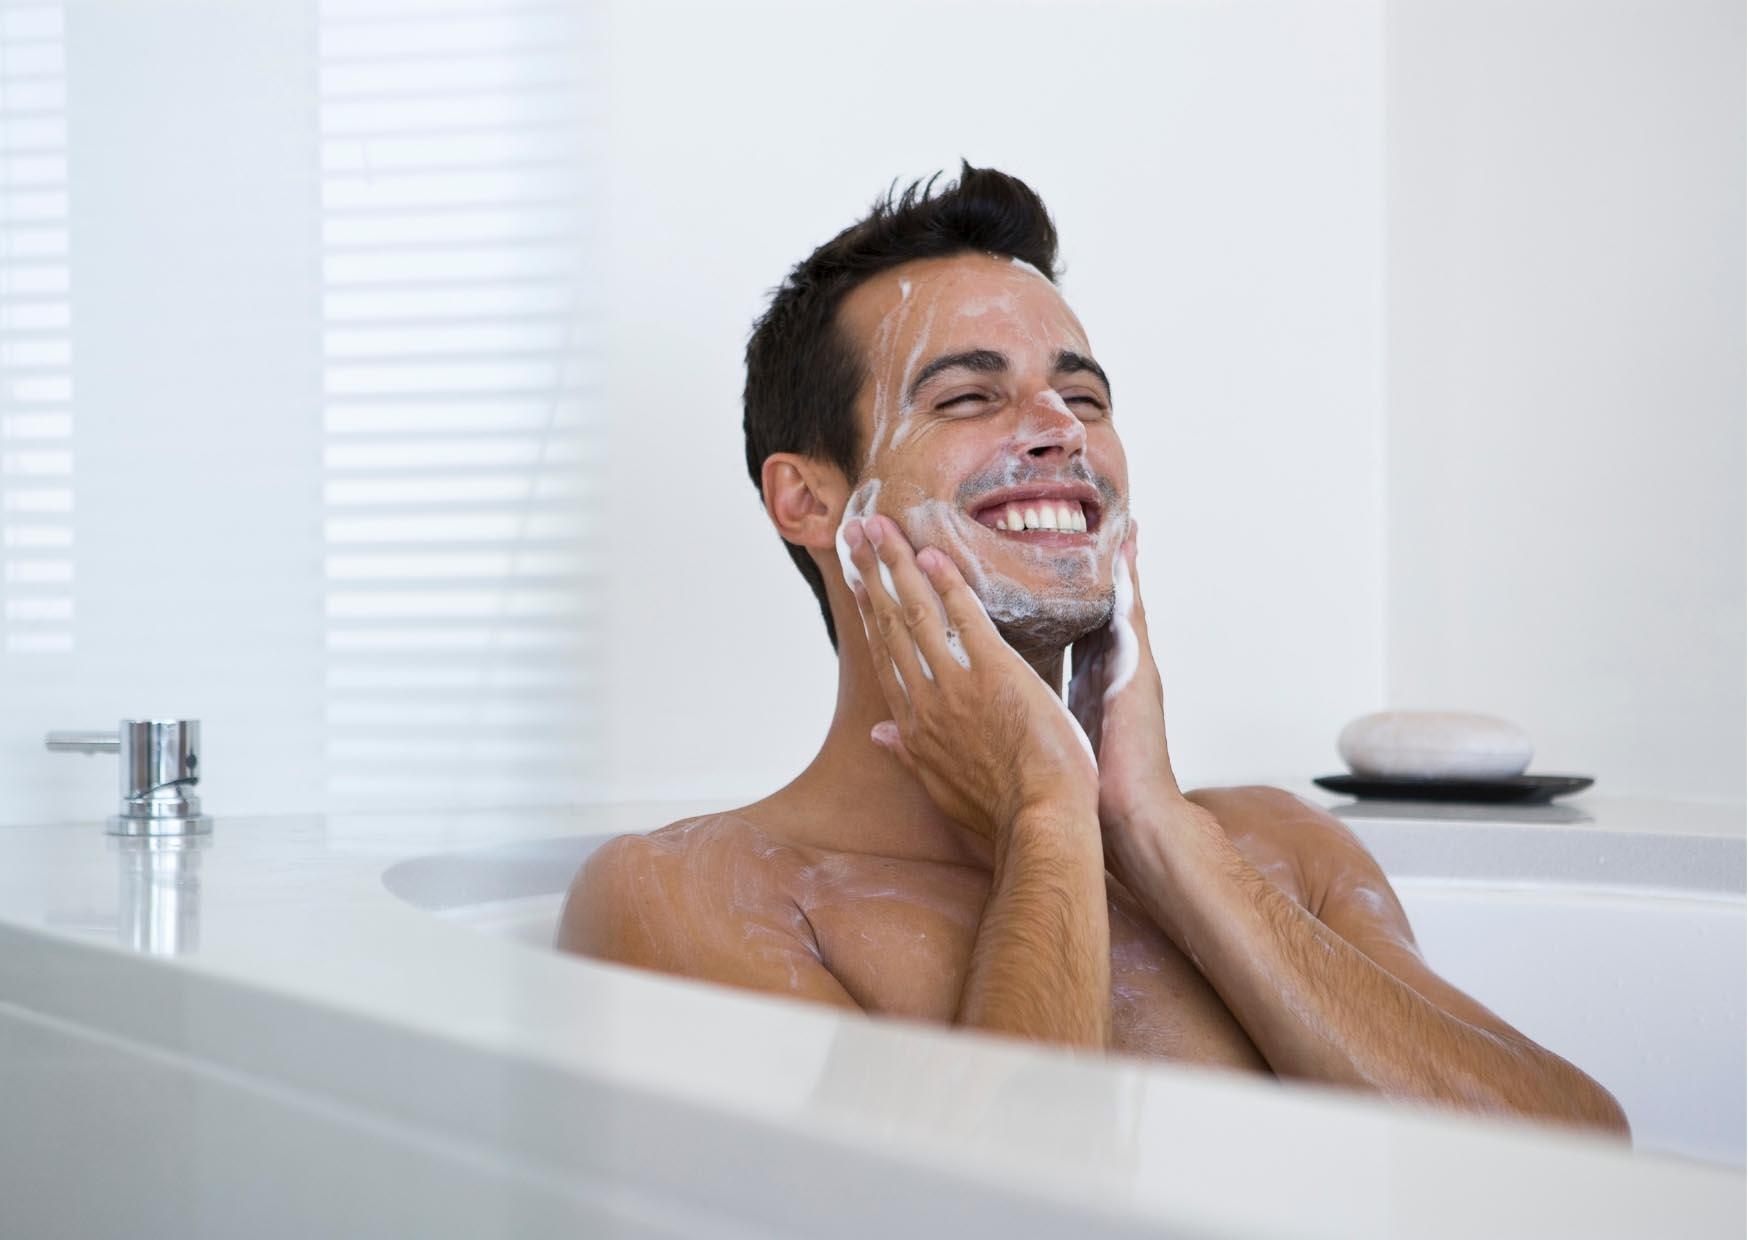 người đàn ông rửa mặt